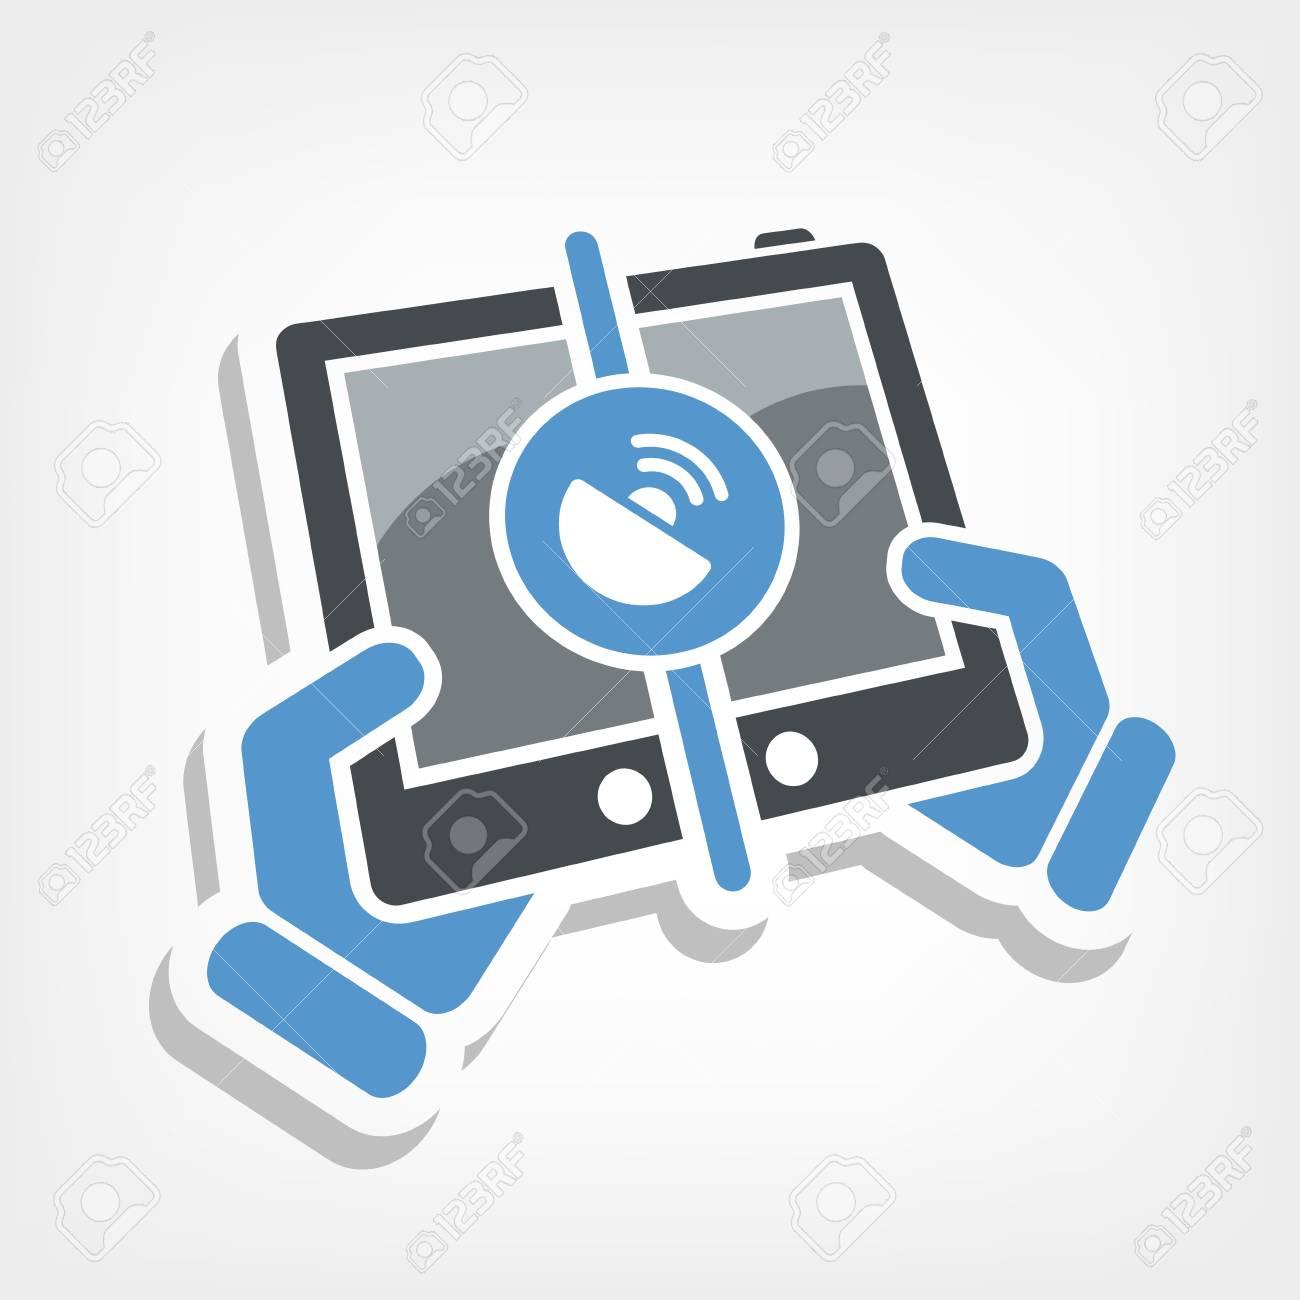 Handy-Verbindungssymbol Lizenzfrei Nutzbare Vektorgrafiken, Clip ...